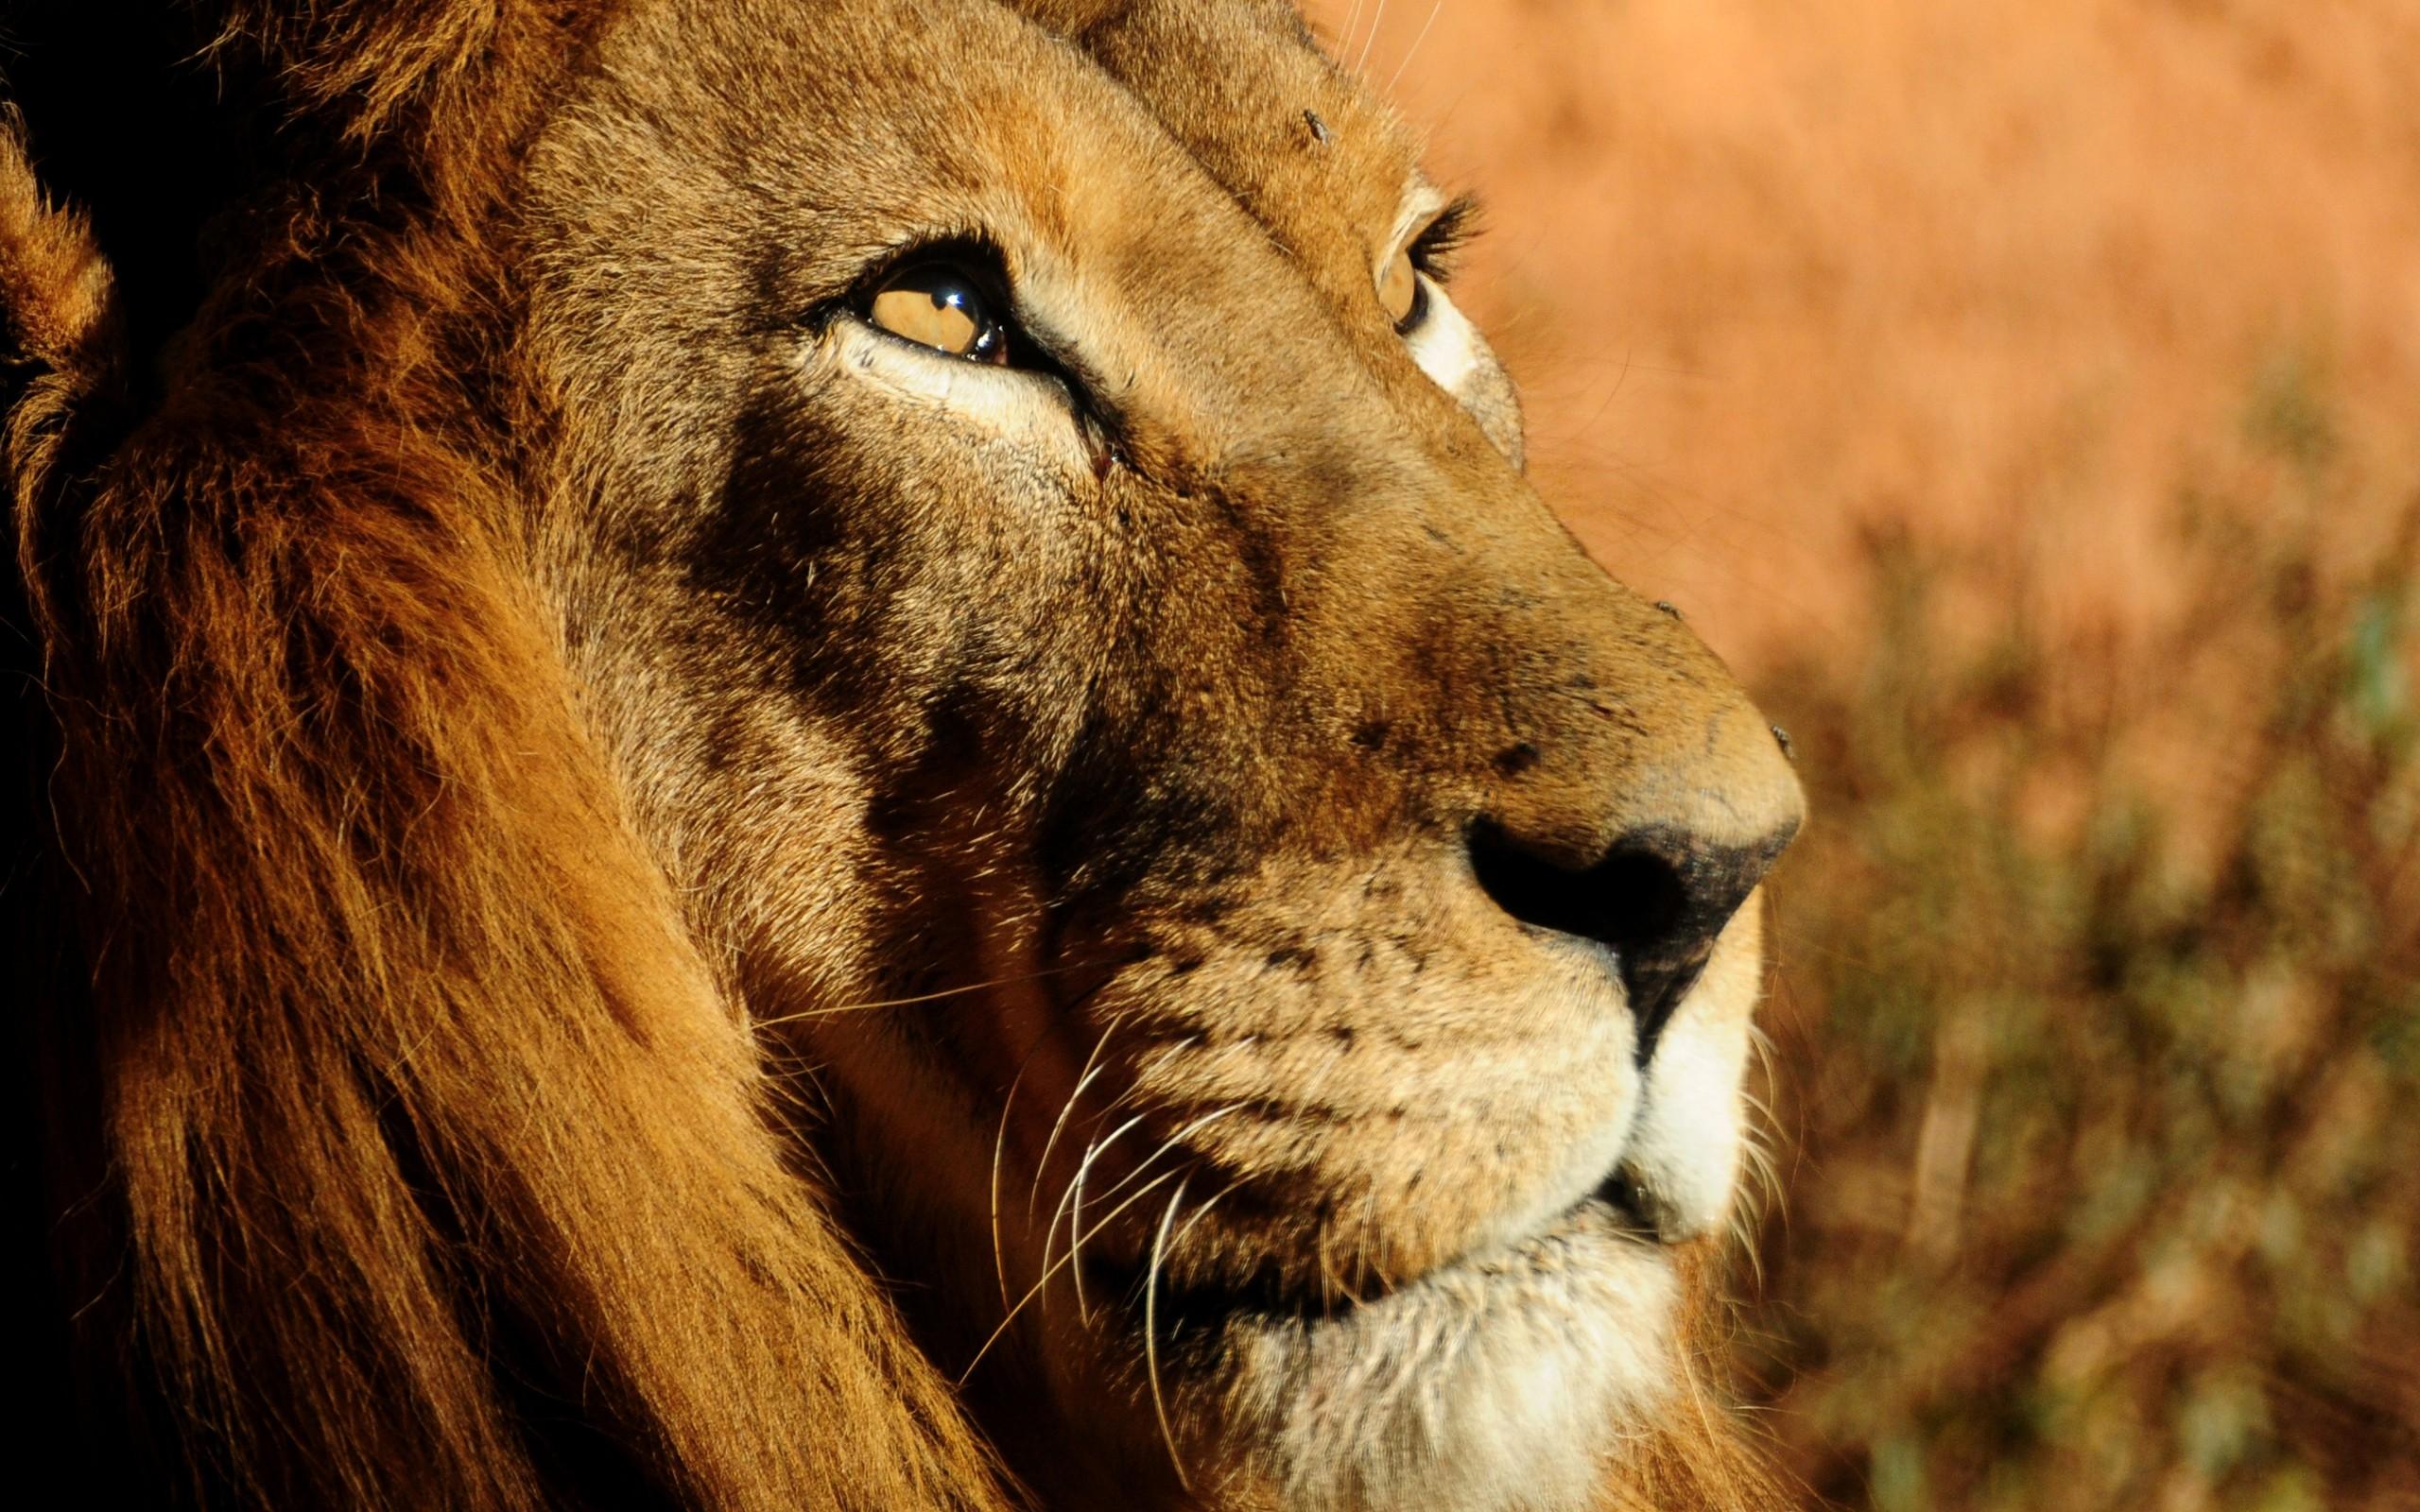 La cara del león - 2560x1600